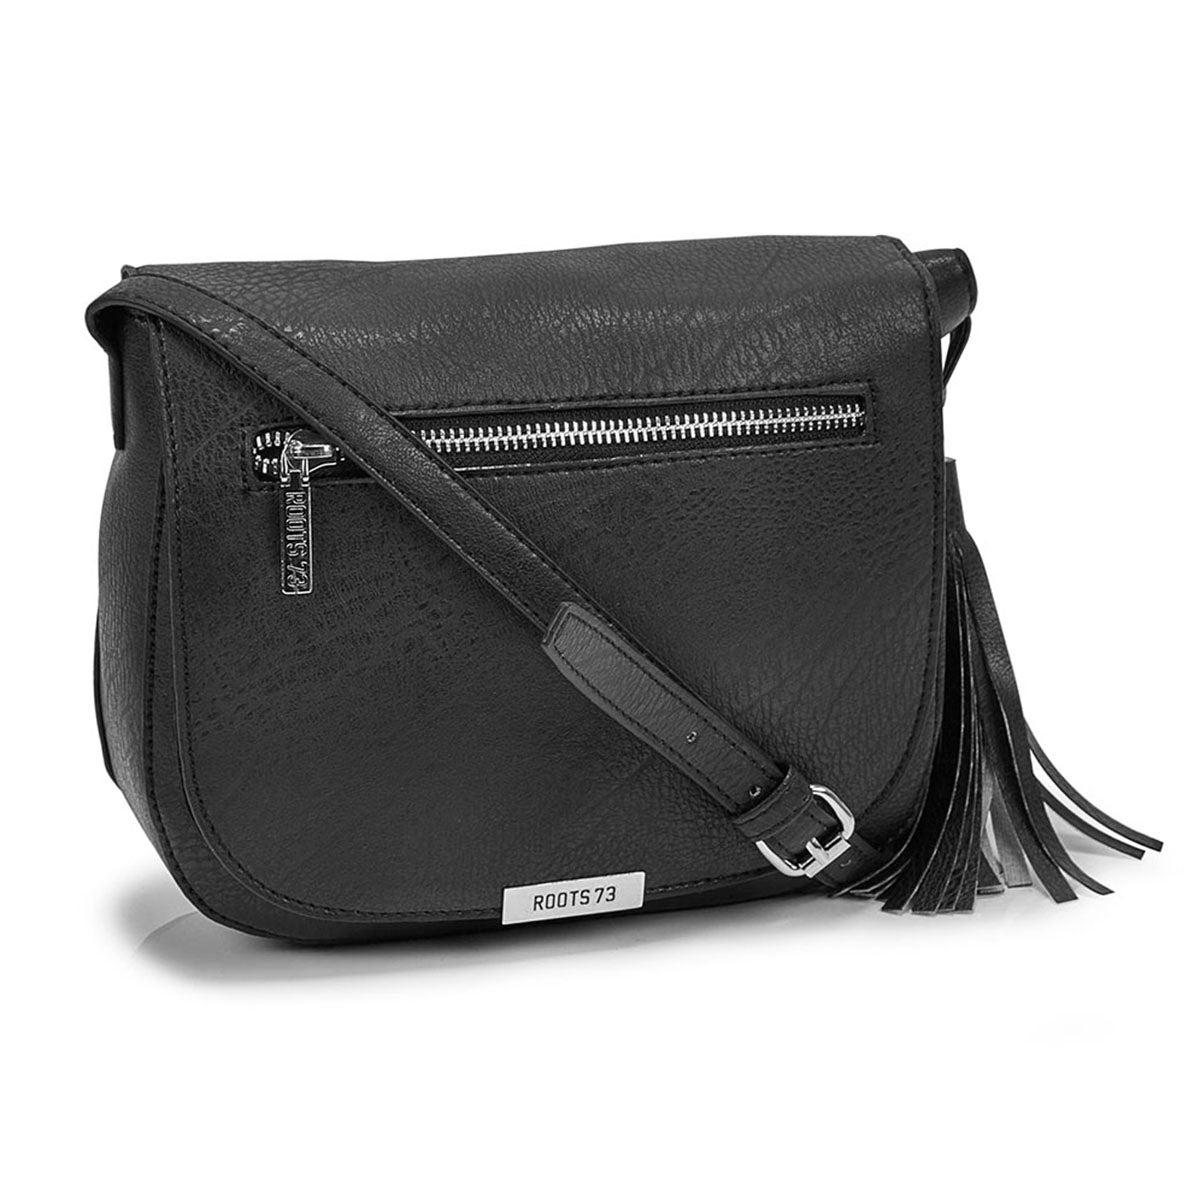 Wonen's R5221 black tassel flapover cross body bag